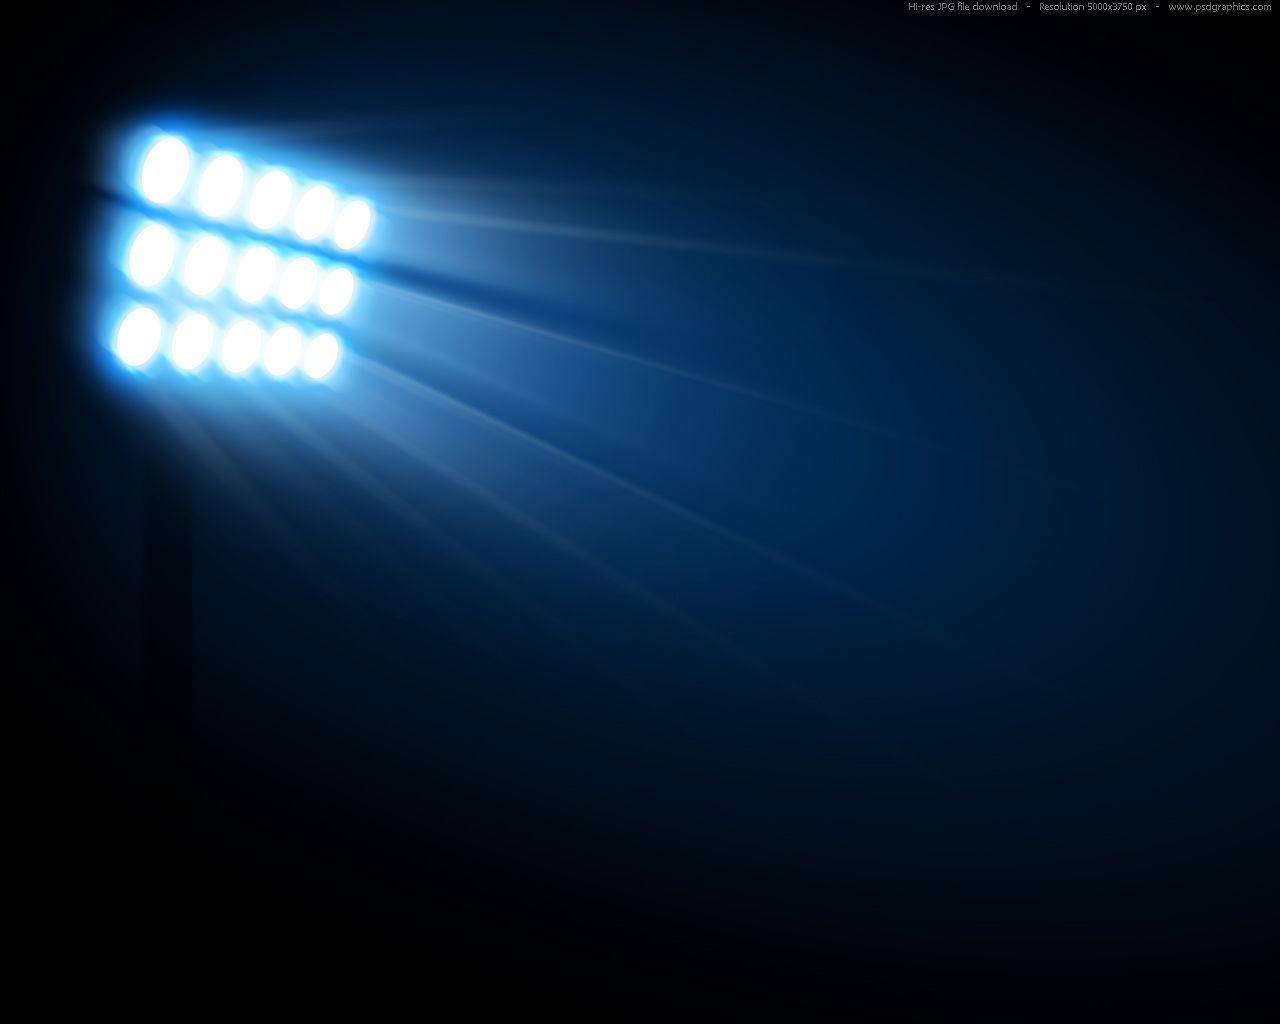 Single Stadium Light Background Stadium Lighting Background Photo Background Images